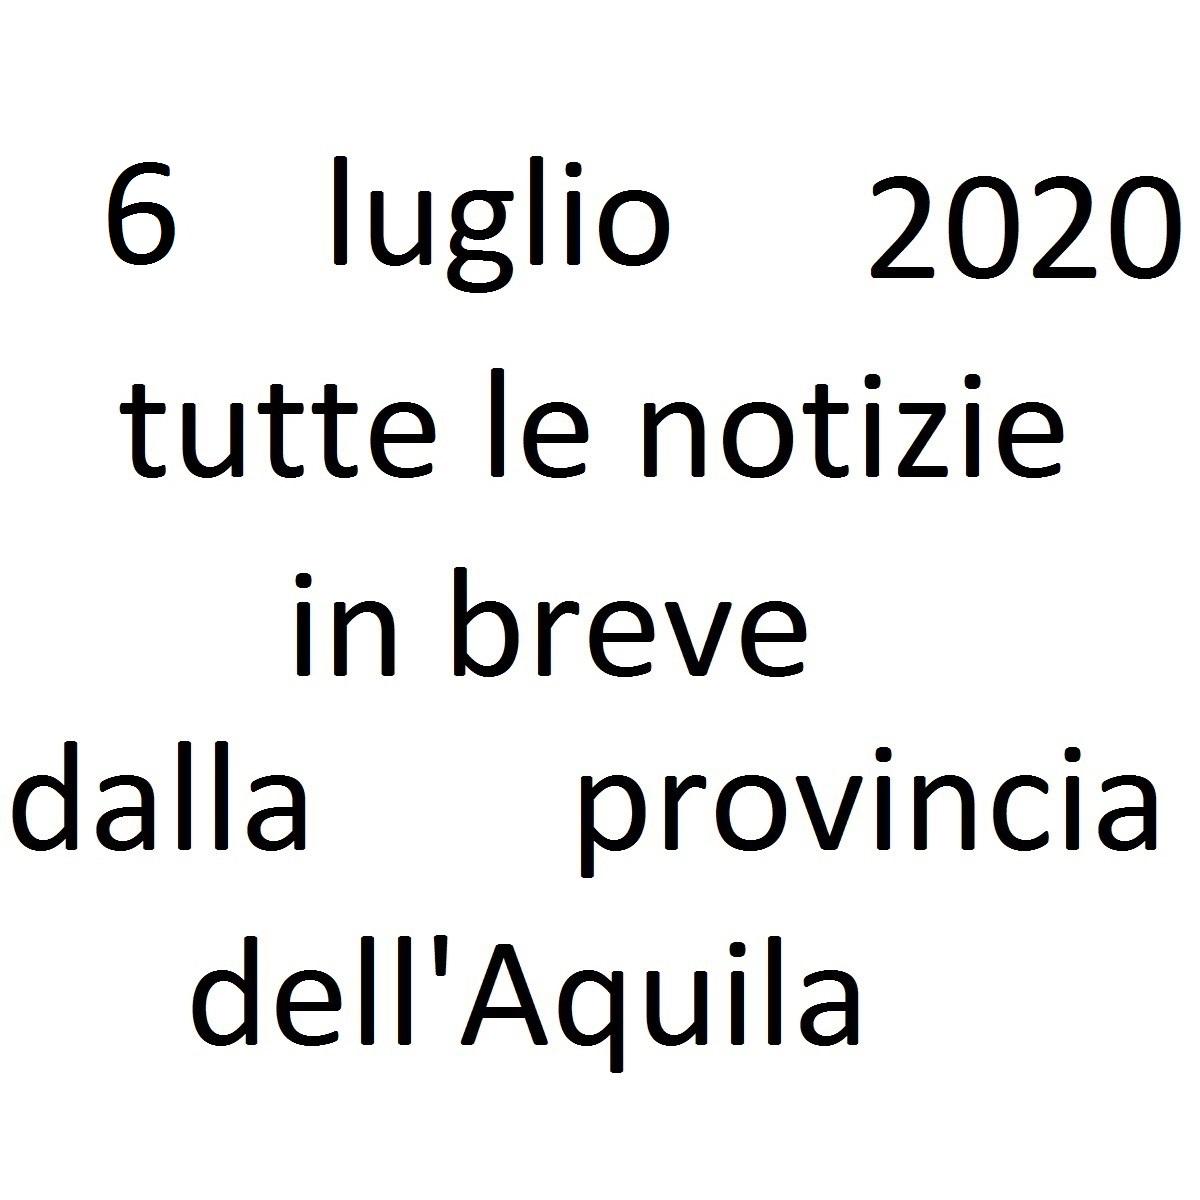 6 luglio 2020 notizie in breve dalla Provincia dell'Aquila foto